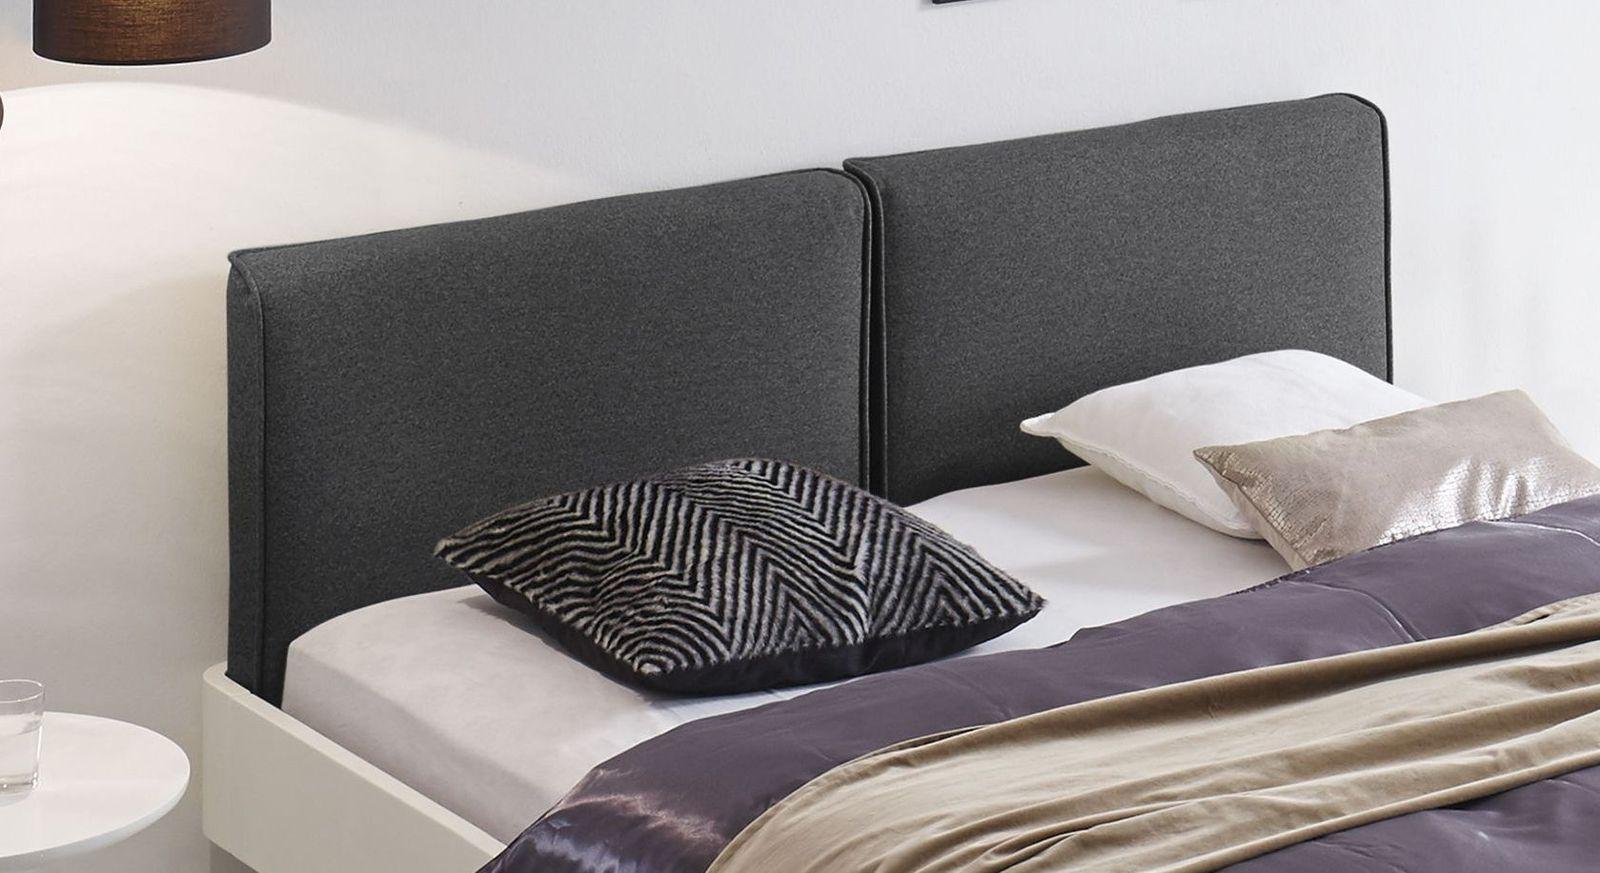 Bett Iraklia mit weichem, zweigeteiltem Kopfteil